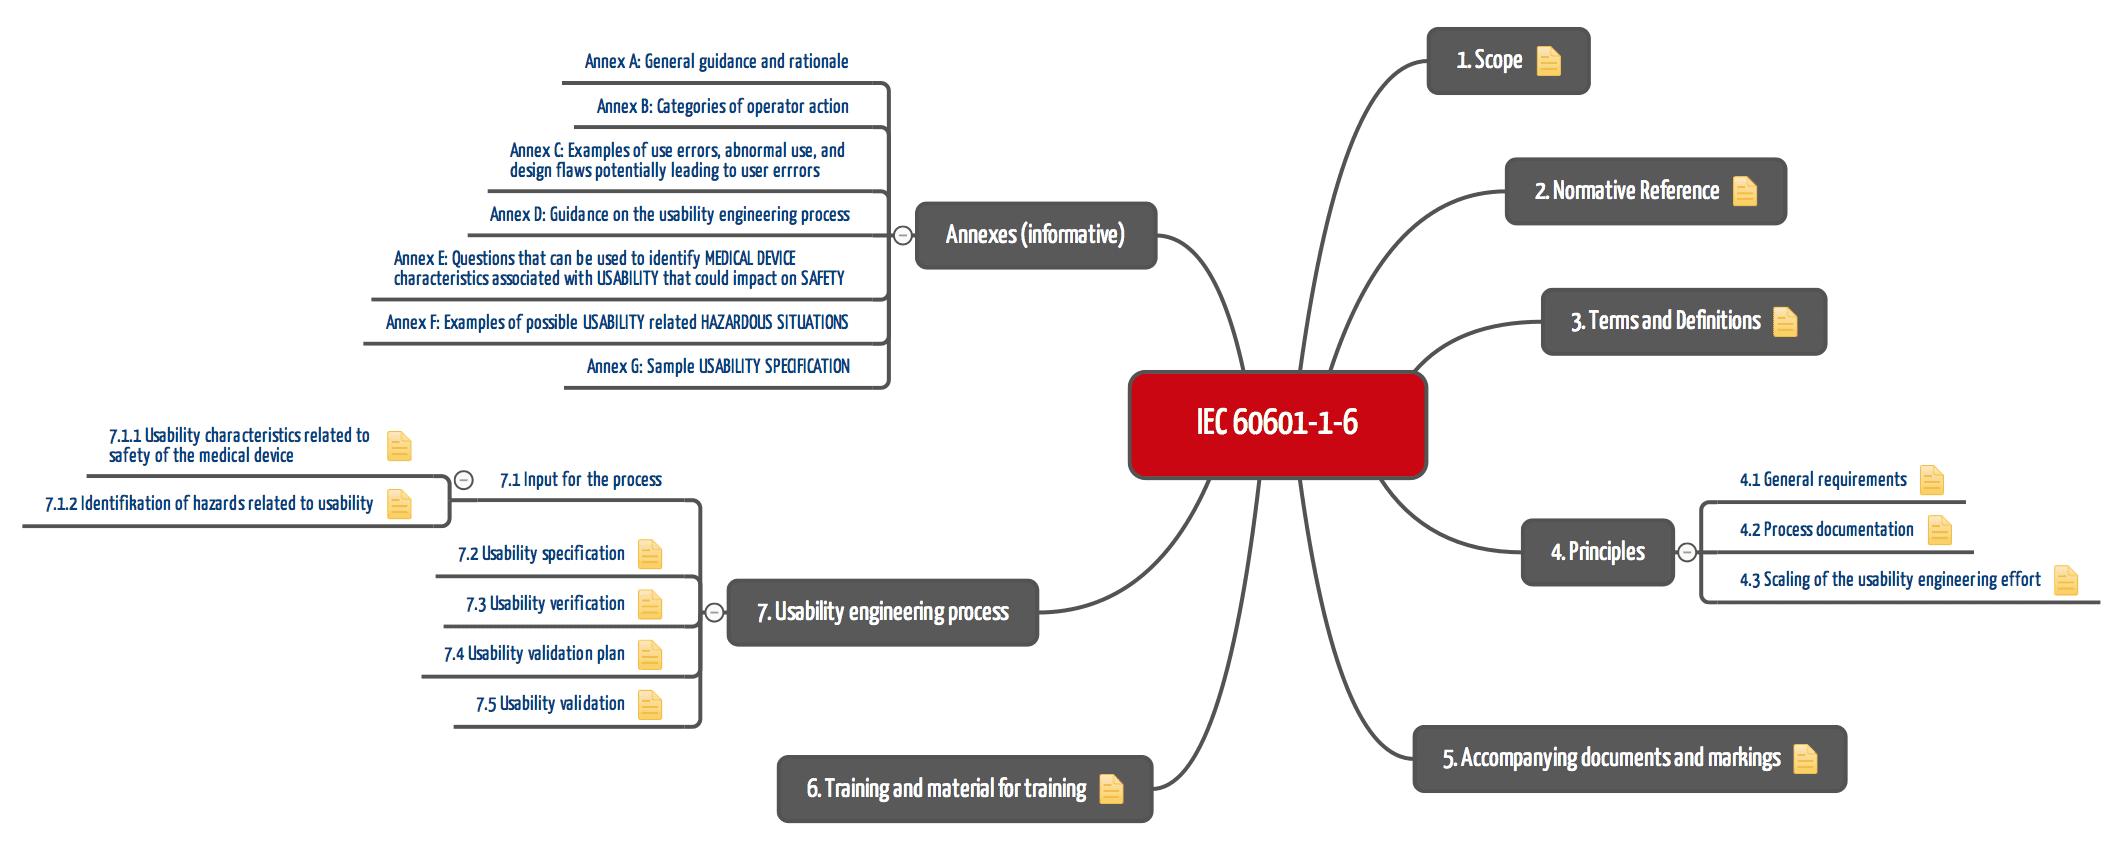 Iec 60601 1 6 Die Ergnzungsnorm Zur Gebrauchstauglichkeit Computer Wiring Diagram Bis Zum Jahr 2010